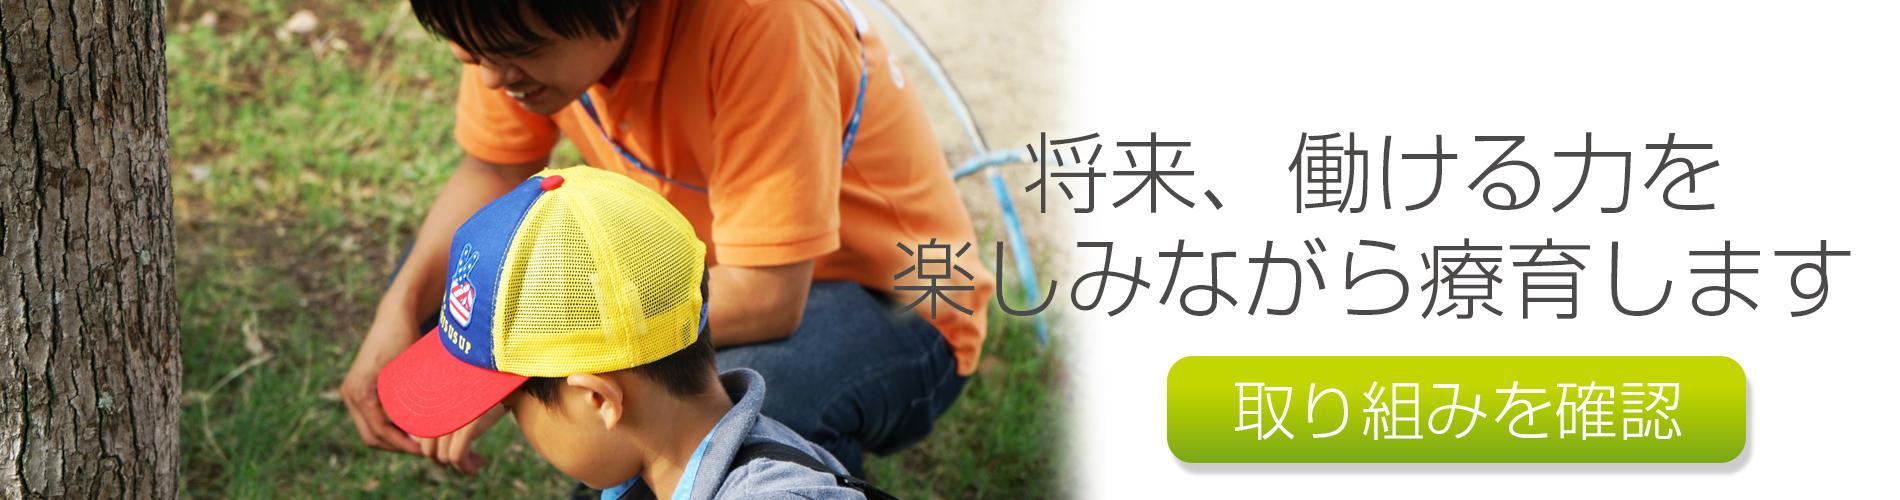 吹田朝日が丘教室12月オープン